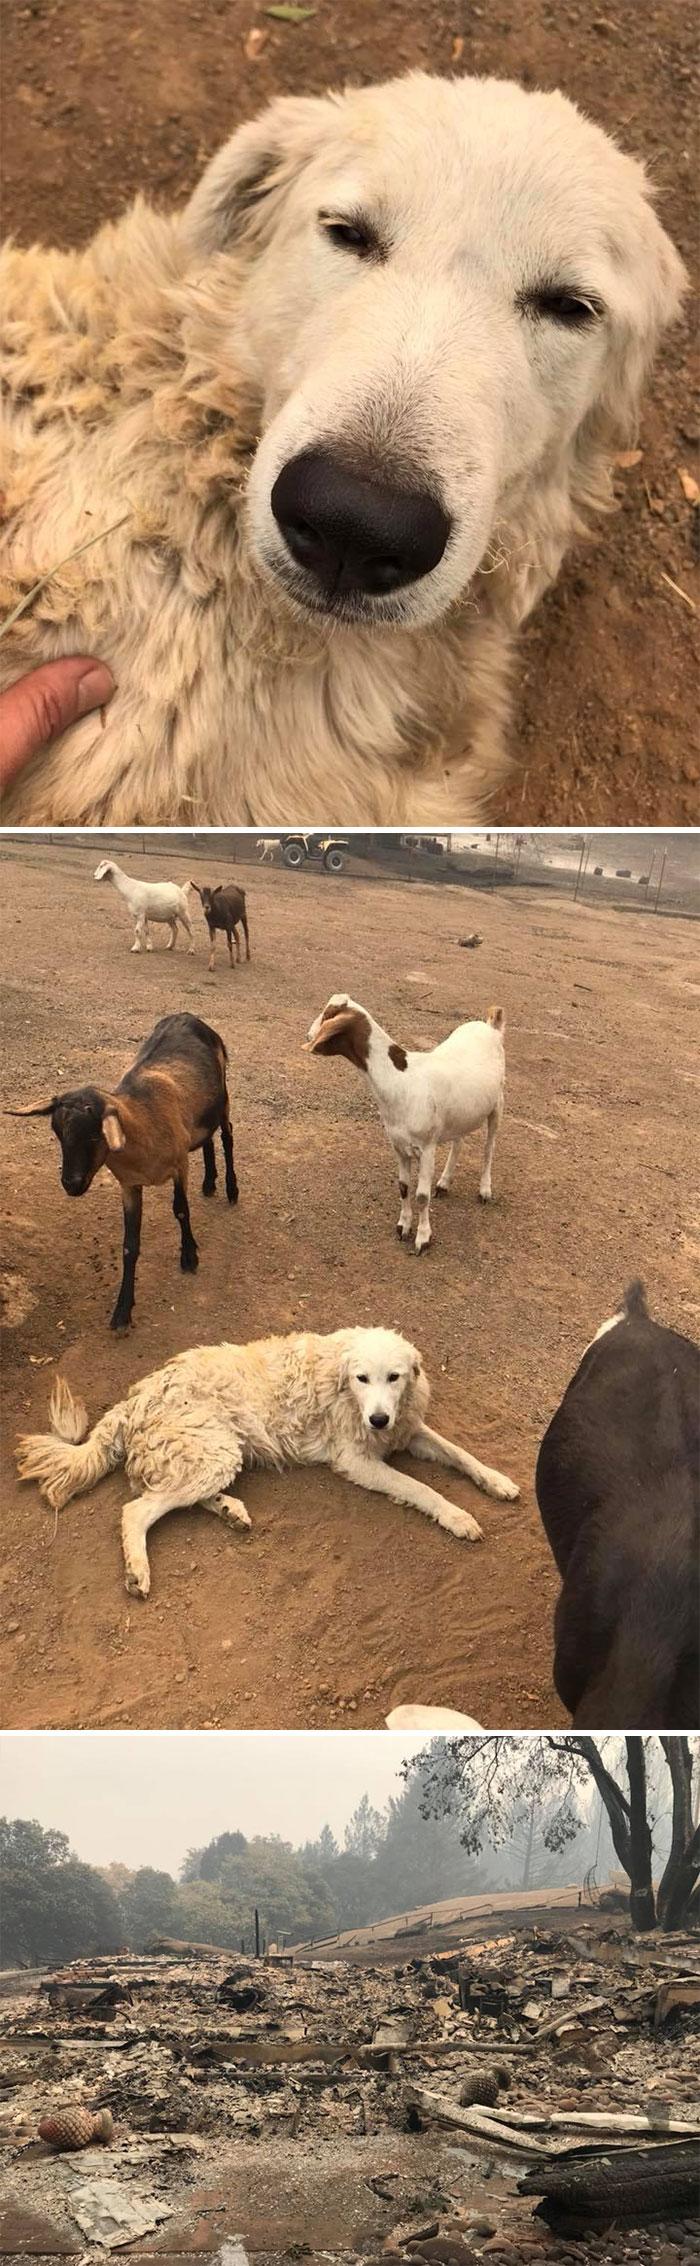 Un intrépido perro pastor de cabras llamado Odín se negó a abandonar su rebaño de cabras durante los mortíferos incendios forestales de California en 2017, mientras sus dueños corrían para ponerse a salvo. Días después, su familia regresó a su casa destruida y lo encontró a él y a las cabras con vida